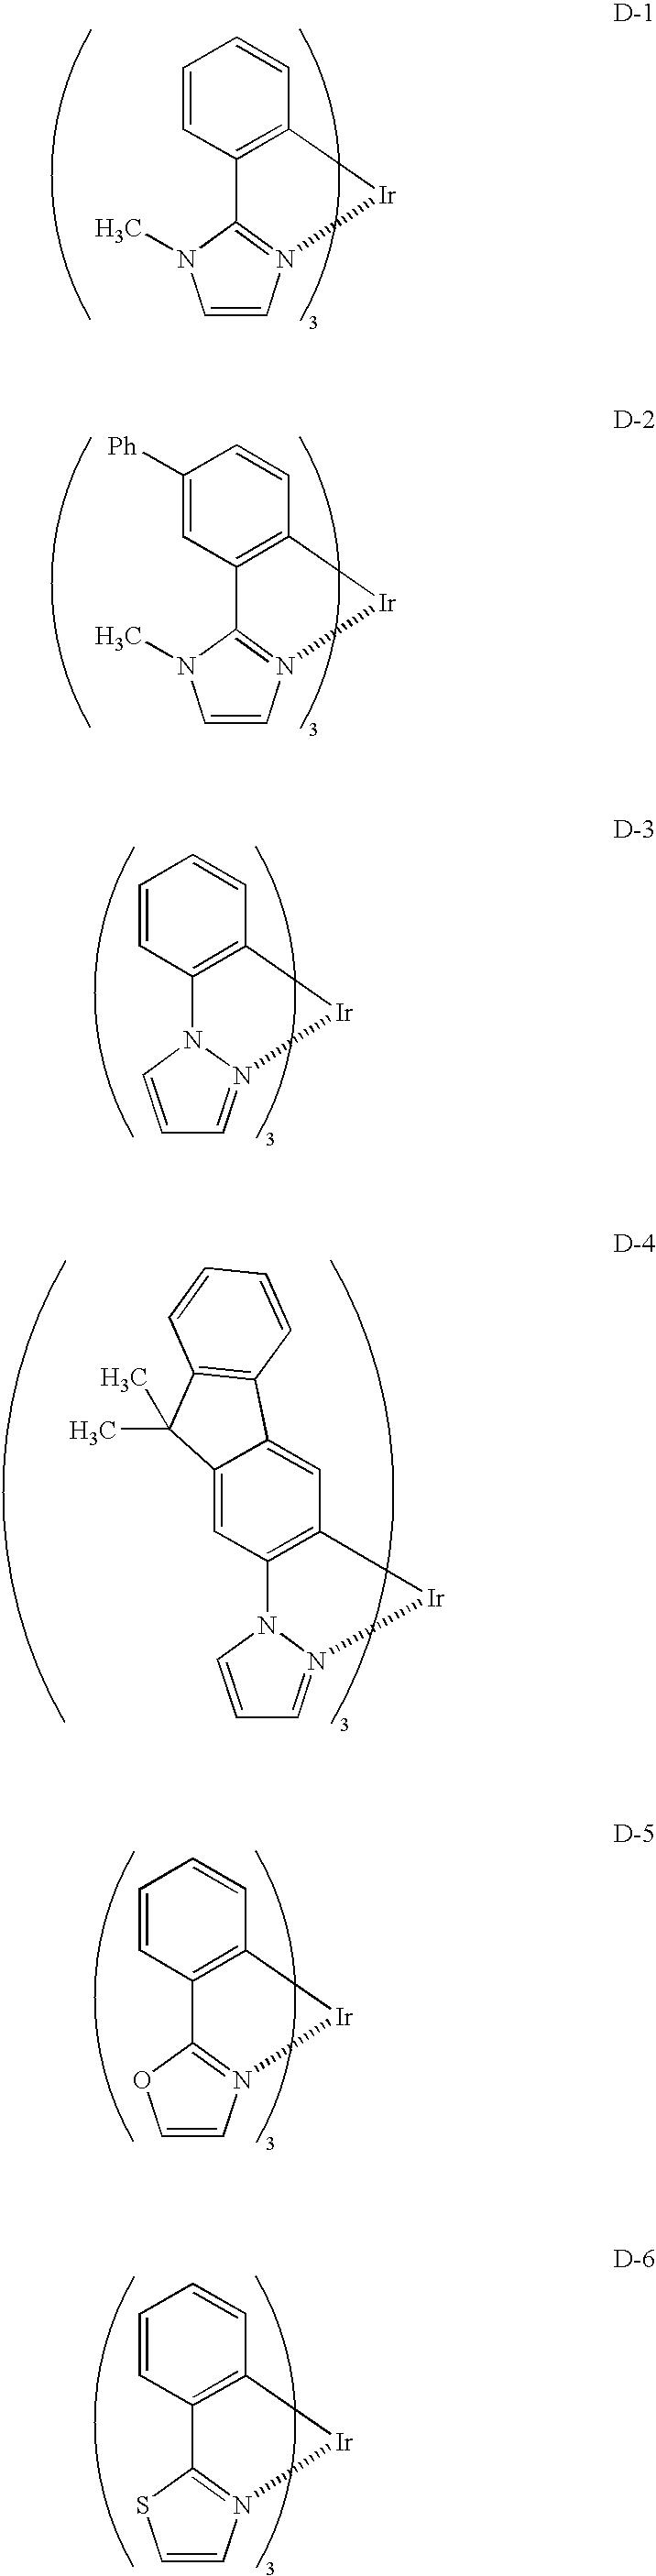 Figure US08053765-20111108-C00021